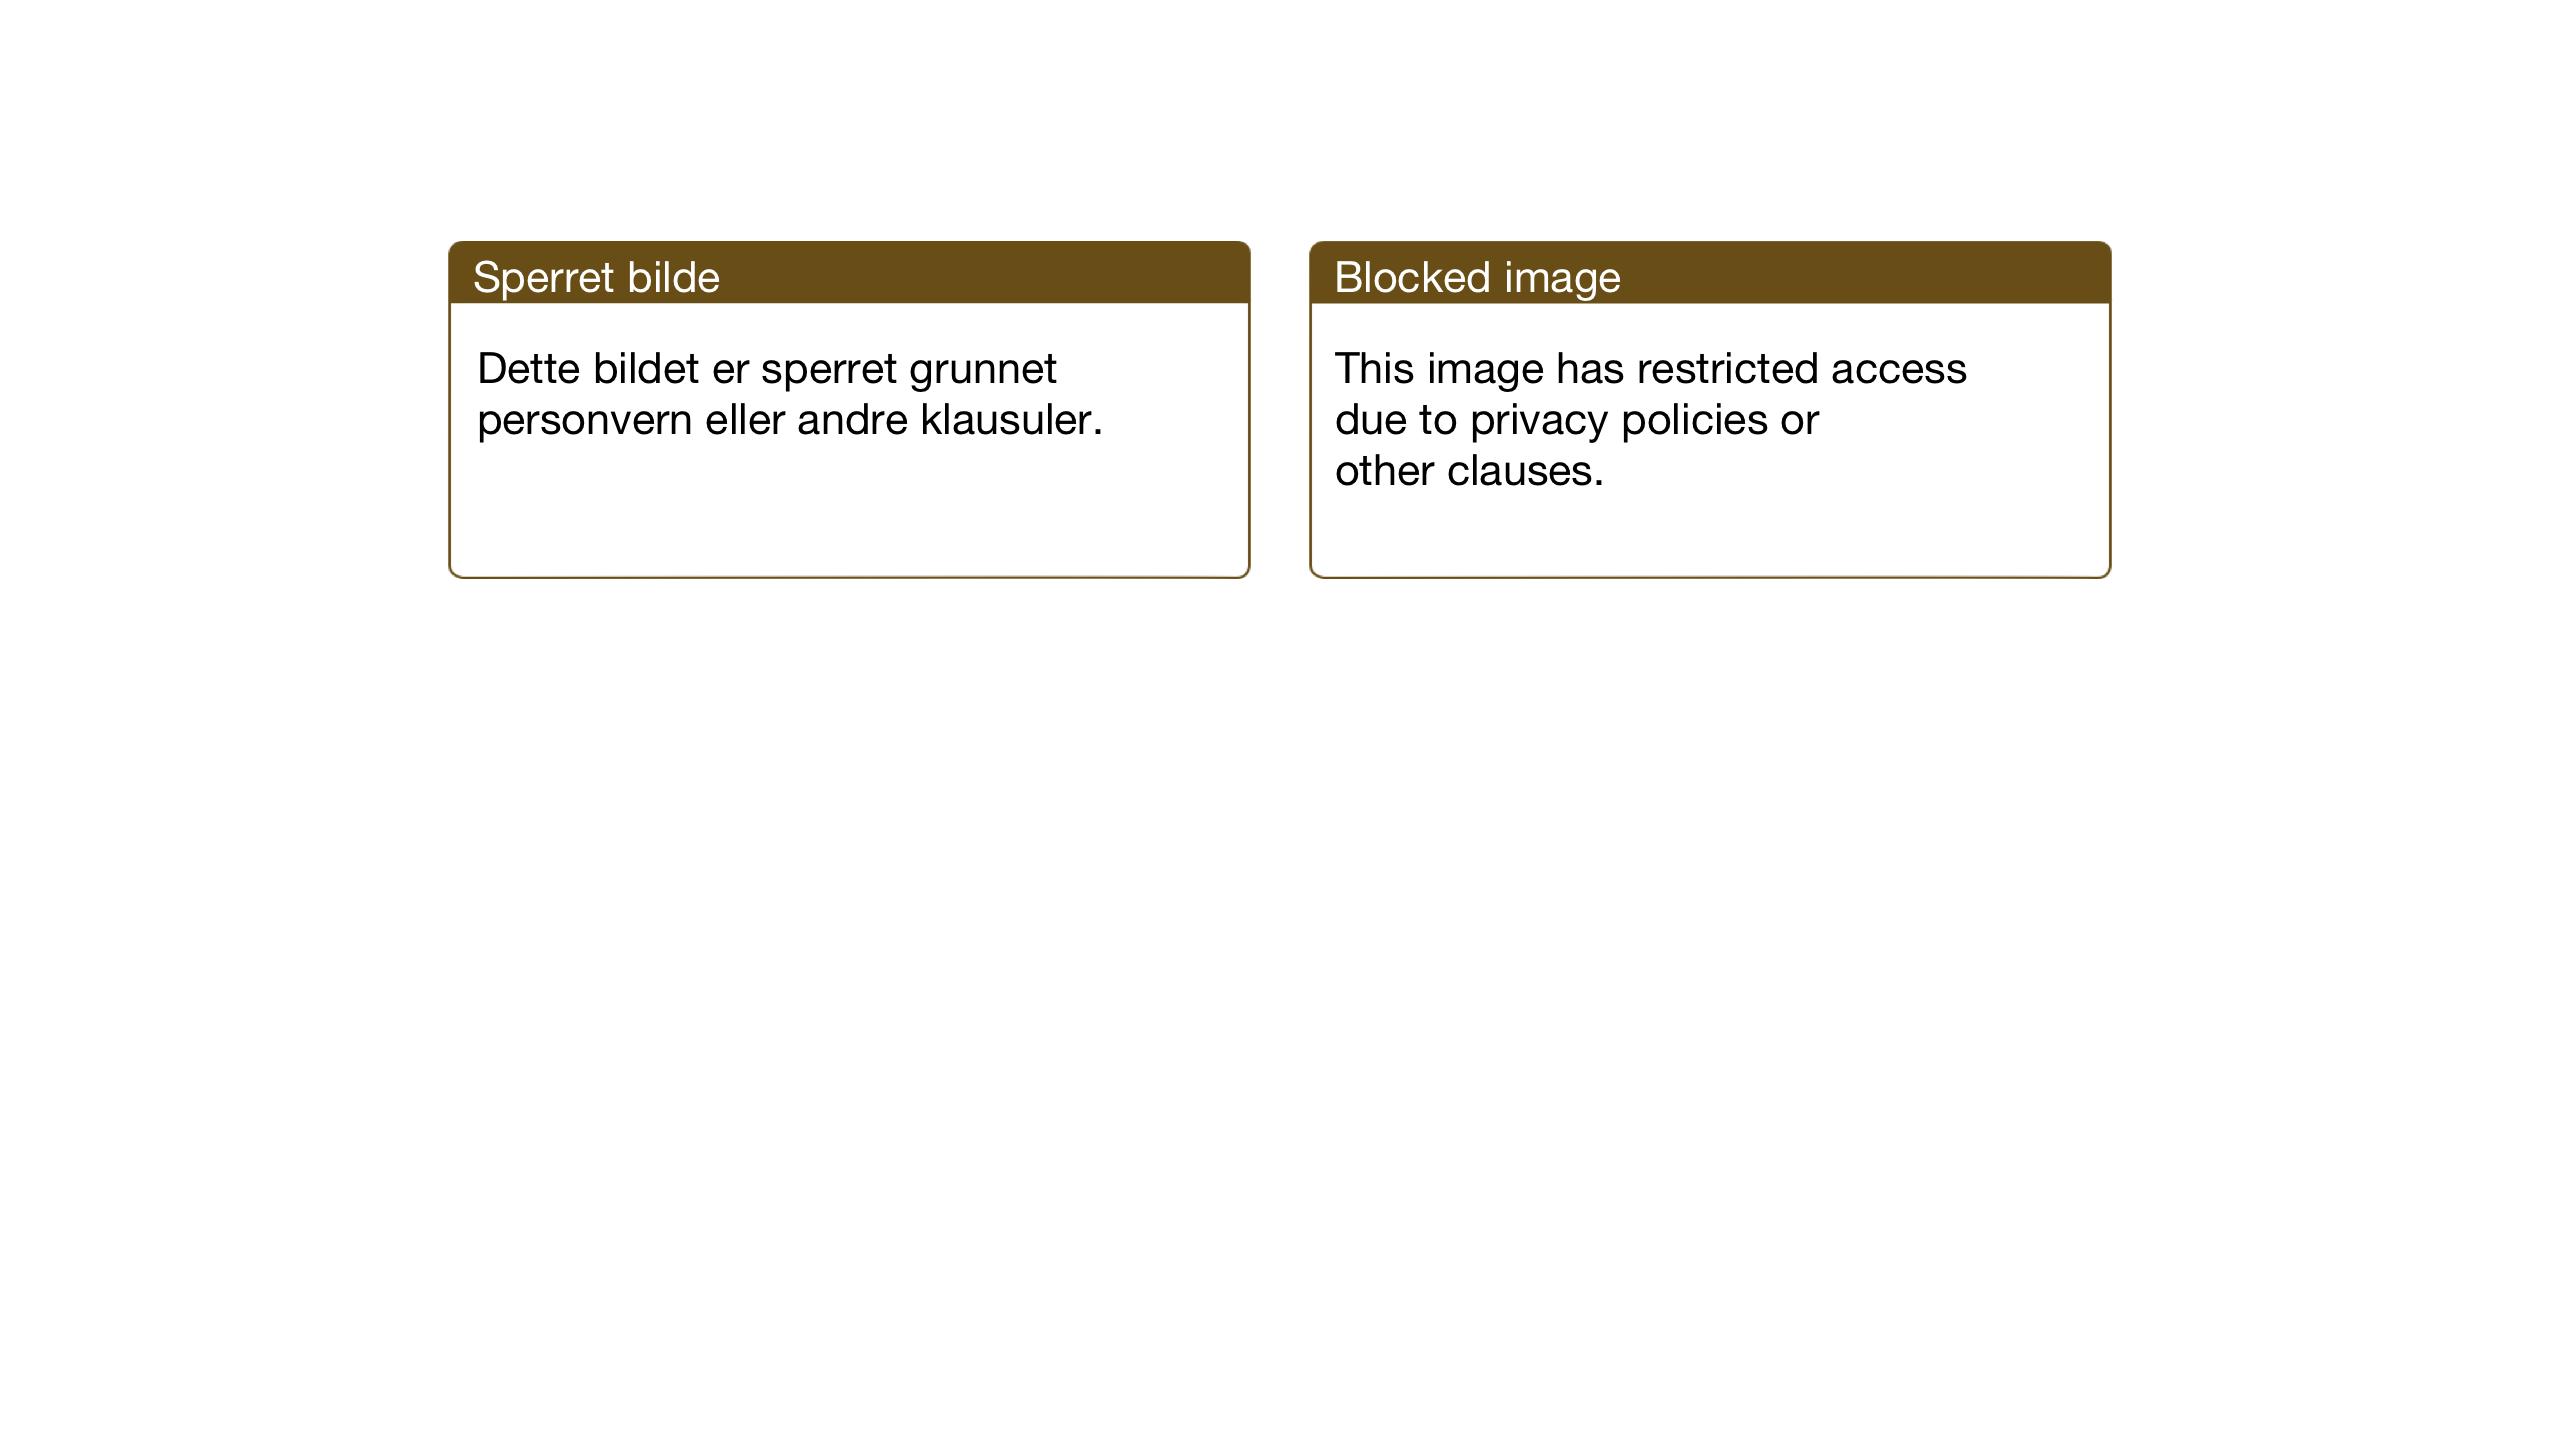 SAT, Ministerialprotokoller, klokkerbøker og fødselsregistre - Nord-Trøndelag, 744/L0425: Klokkerbok nr. 744C04, 1924-1947, s. 51